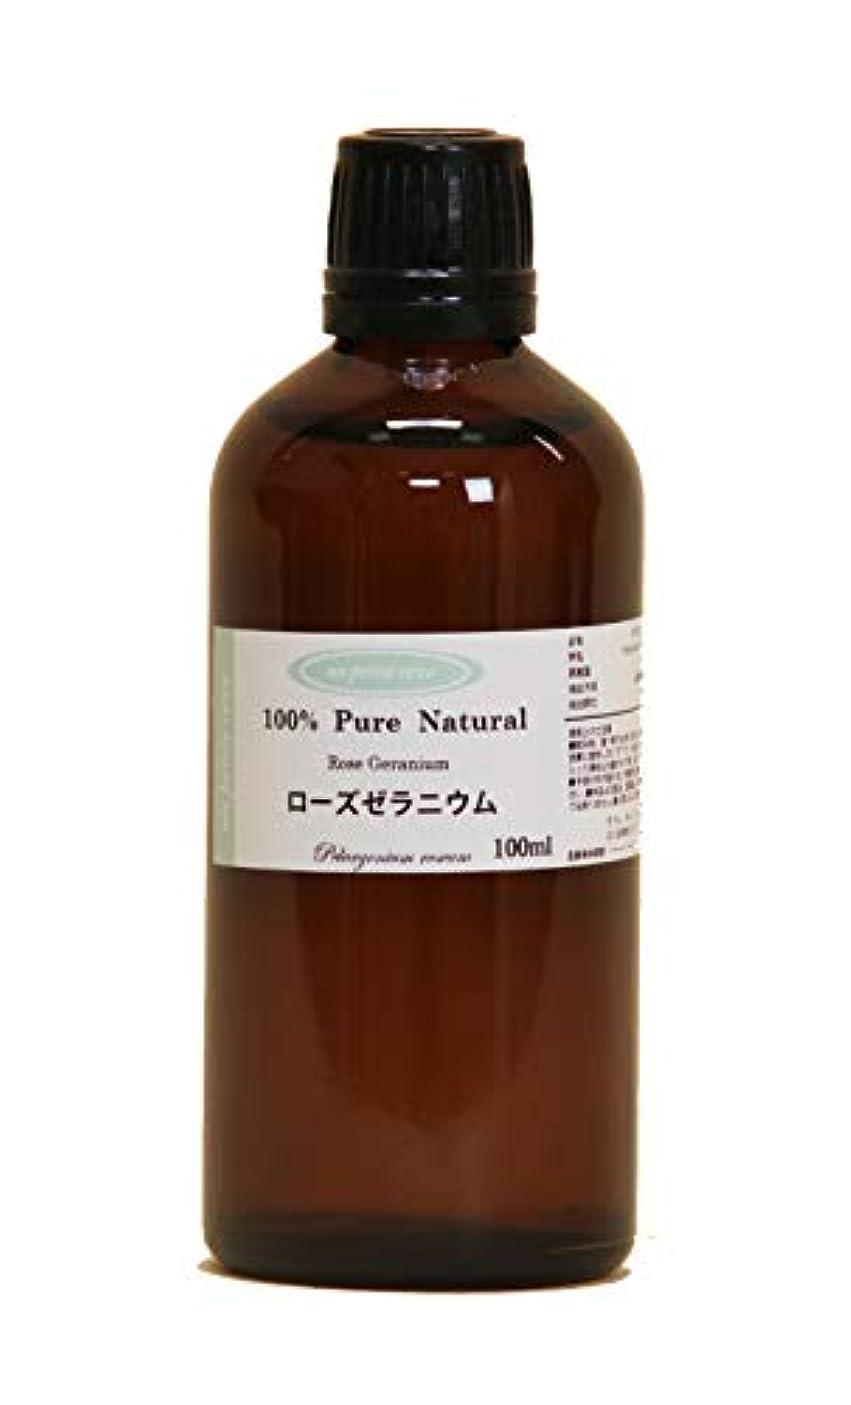 バイパス船員スパイローズゼラニウム 100ml 100%天然アロマエッセンシャルオイル(精油)